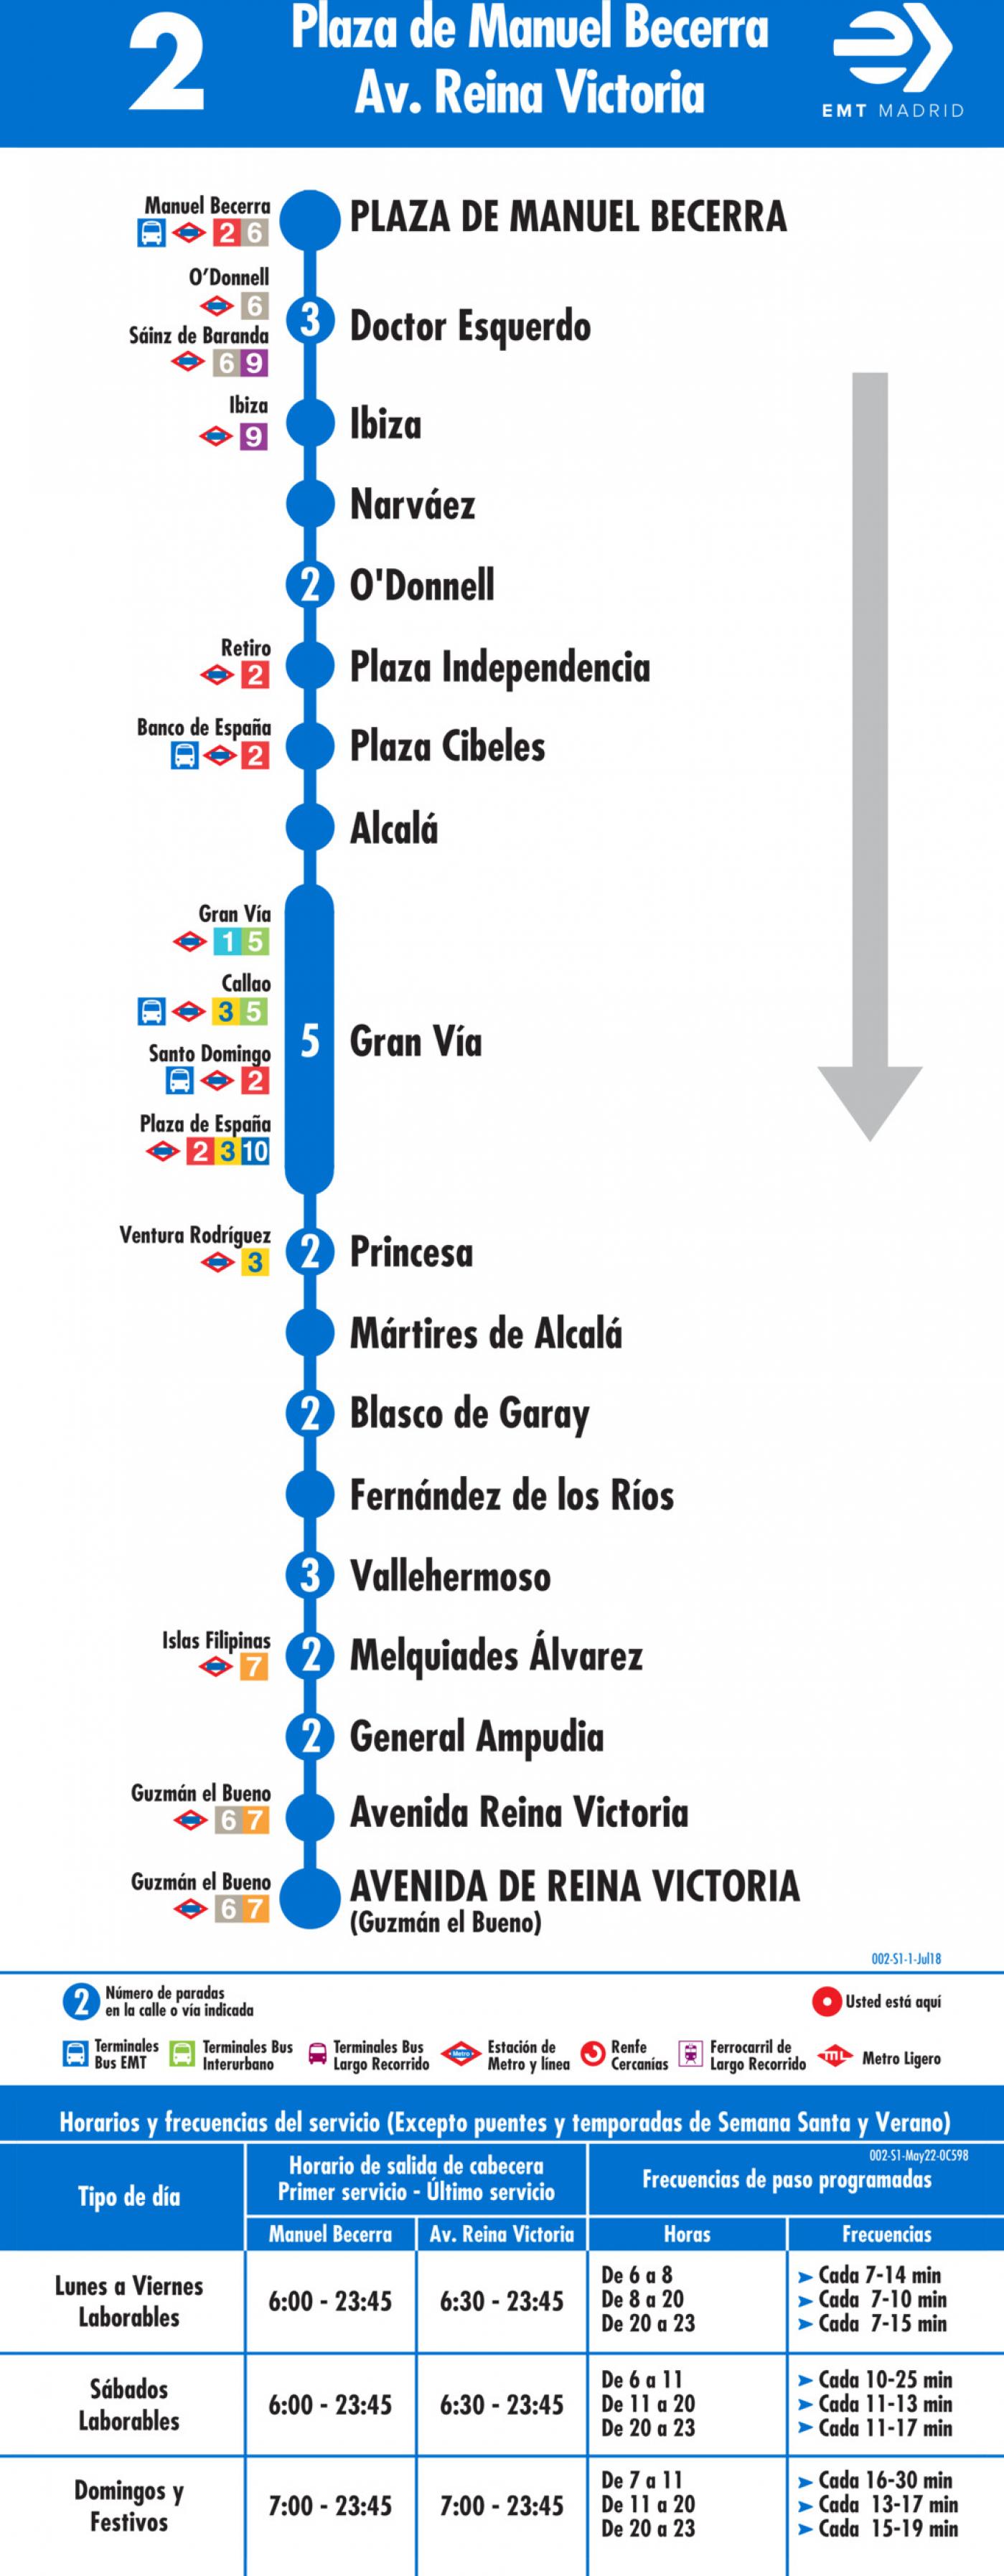 Tabla de horarios y frecuencias de paso en sentido ida Línea 2: Plaza de Manuel Becerra - Avenida de Reina Victoria